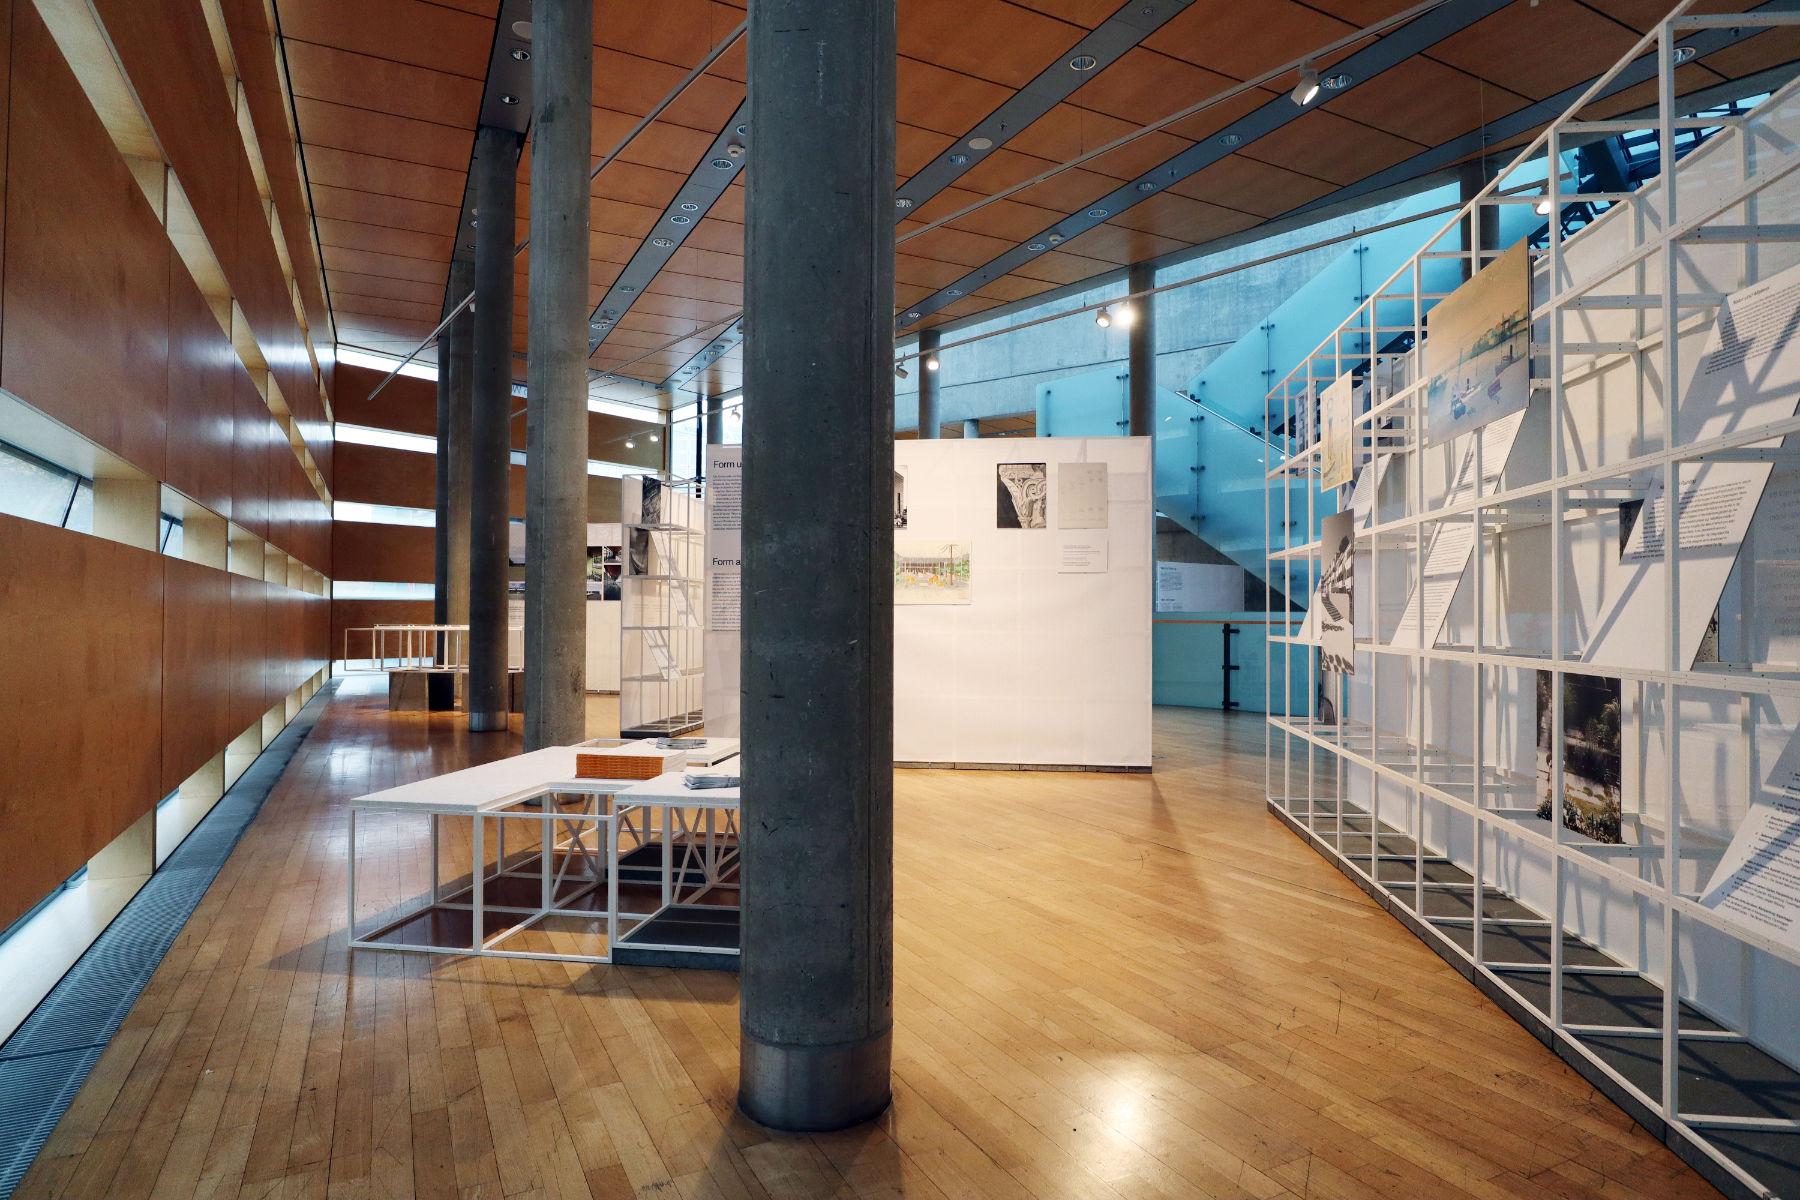 Die Wanderausstellung. wurde im Felleshus, dem Gemeinschafts- und Kulturhaus der Nordischen Botschaften Berlin eröffnet.